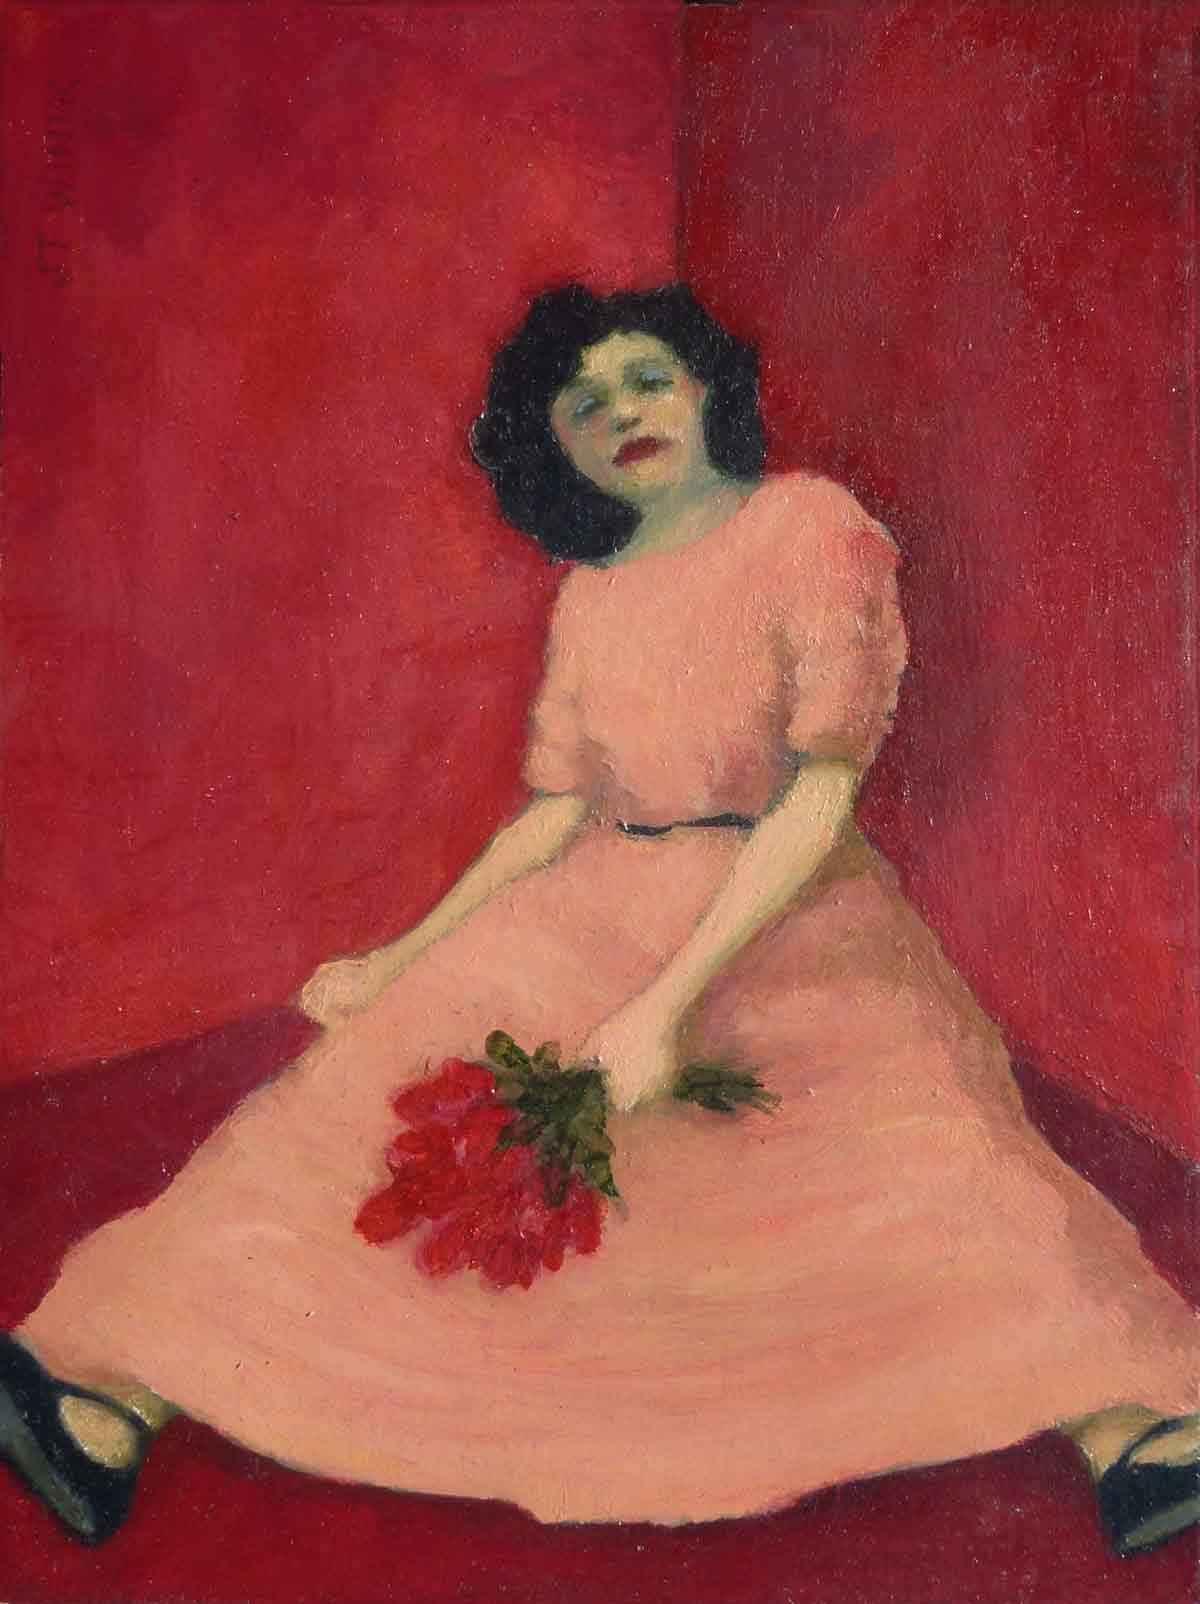 Girl in a Corner, Red...  by  J.T. Winik